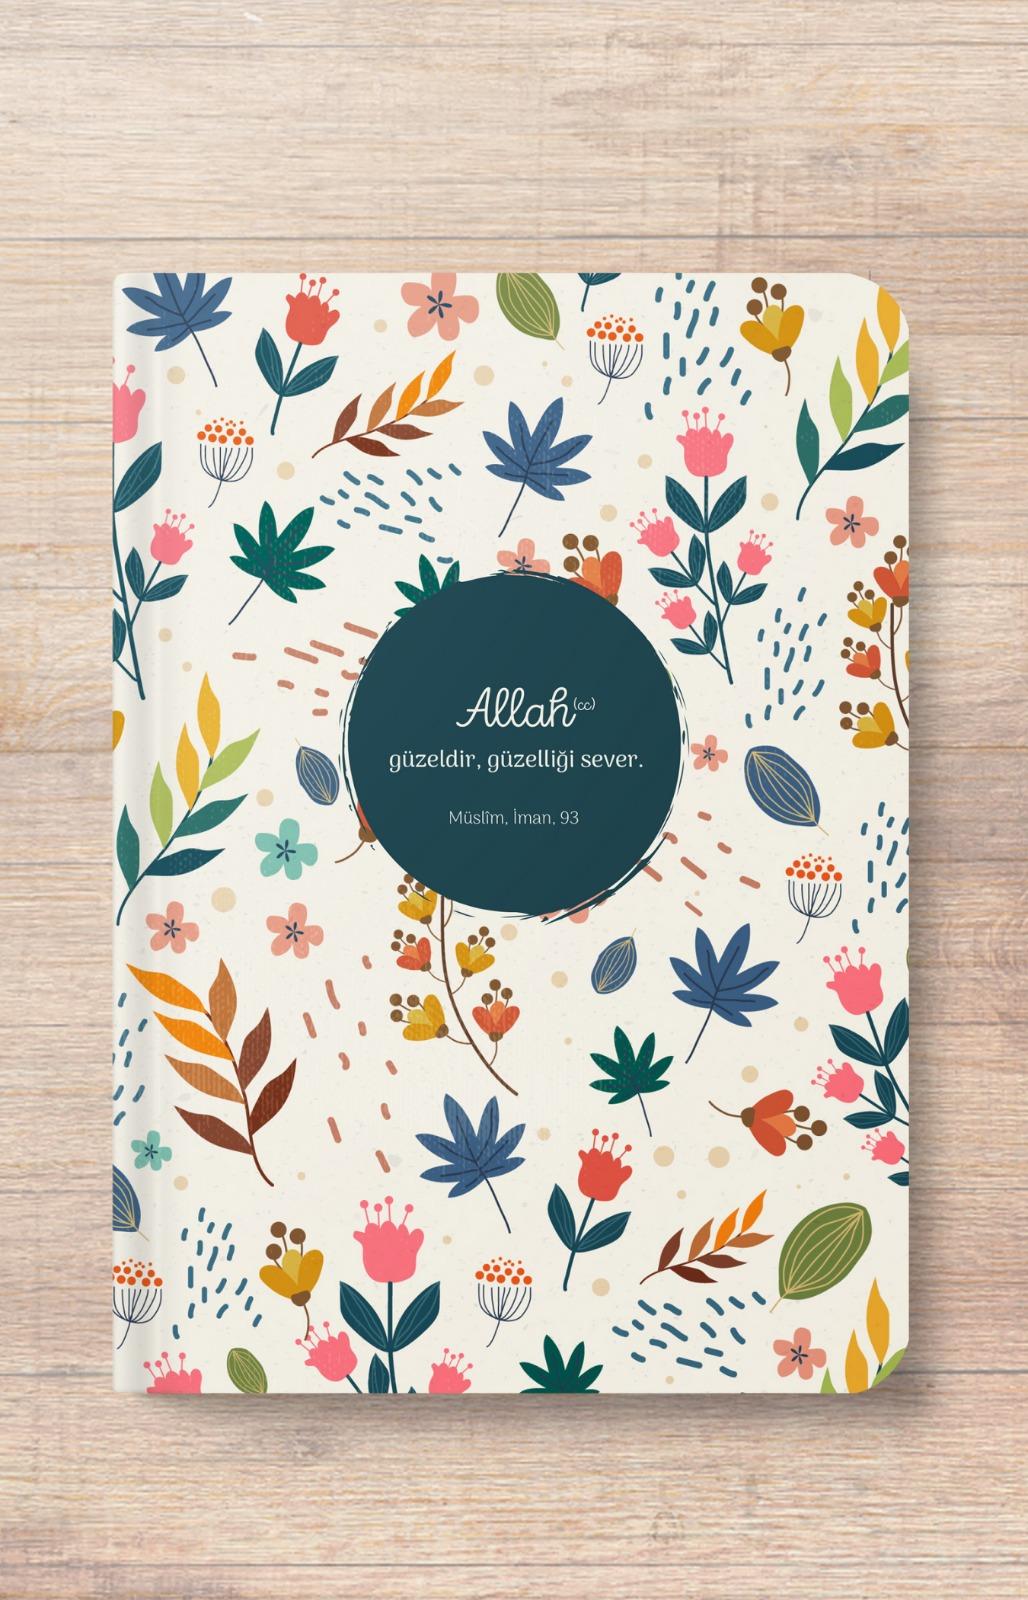 Allah Güzeldir Güzeli Sever - A5 Defter